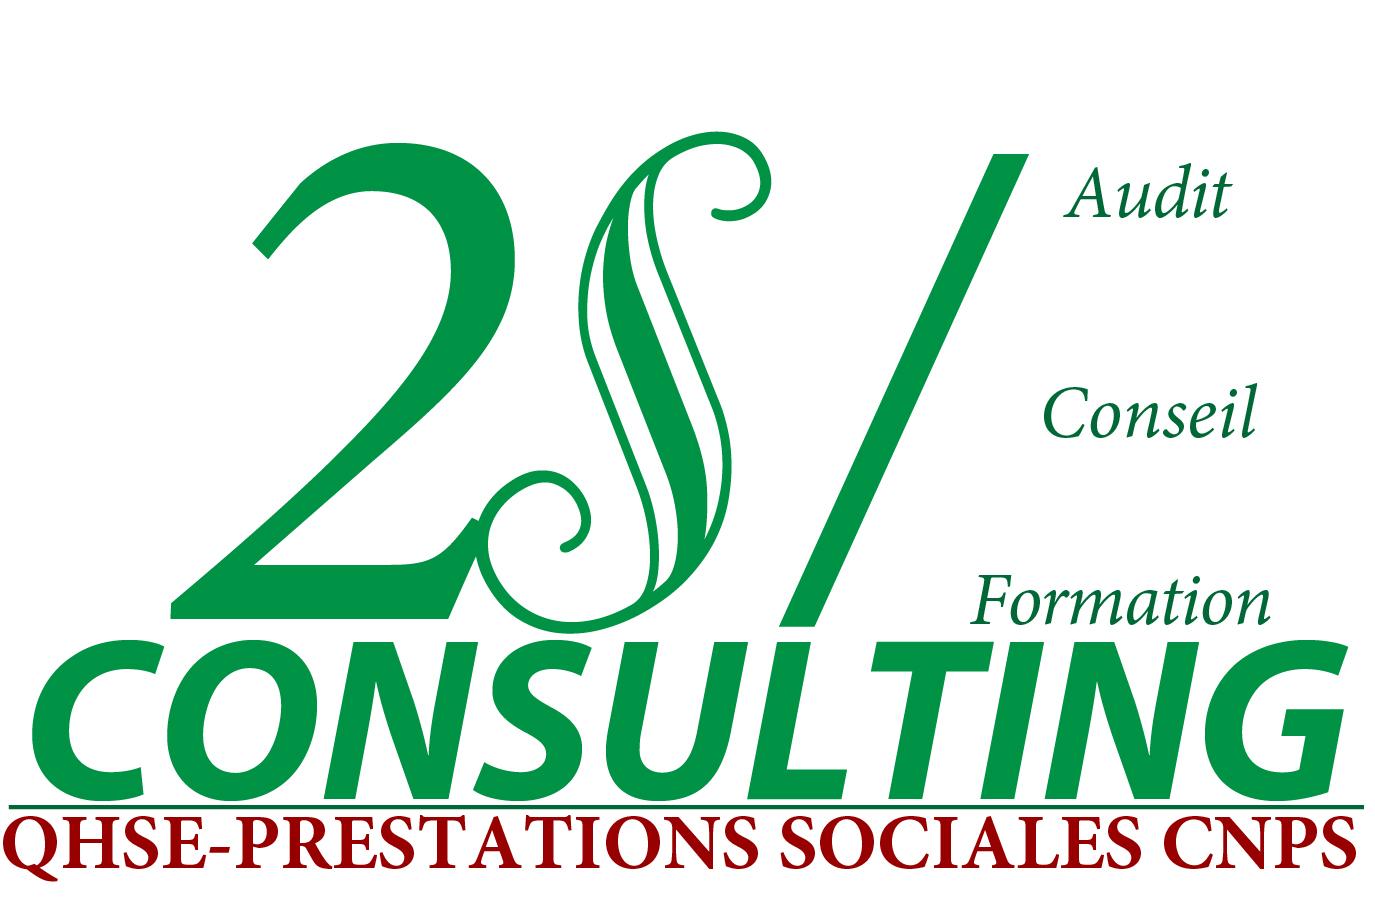 Devenez d compteur de prestations sociales cnps en 06 mois - Les cabinets de recrutement au cameroun ...